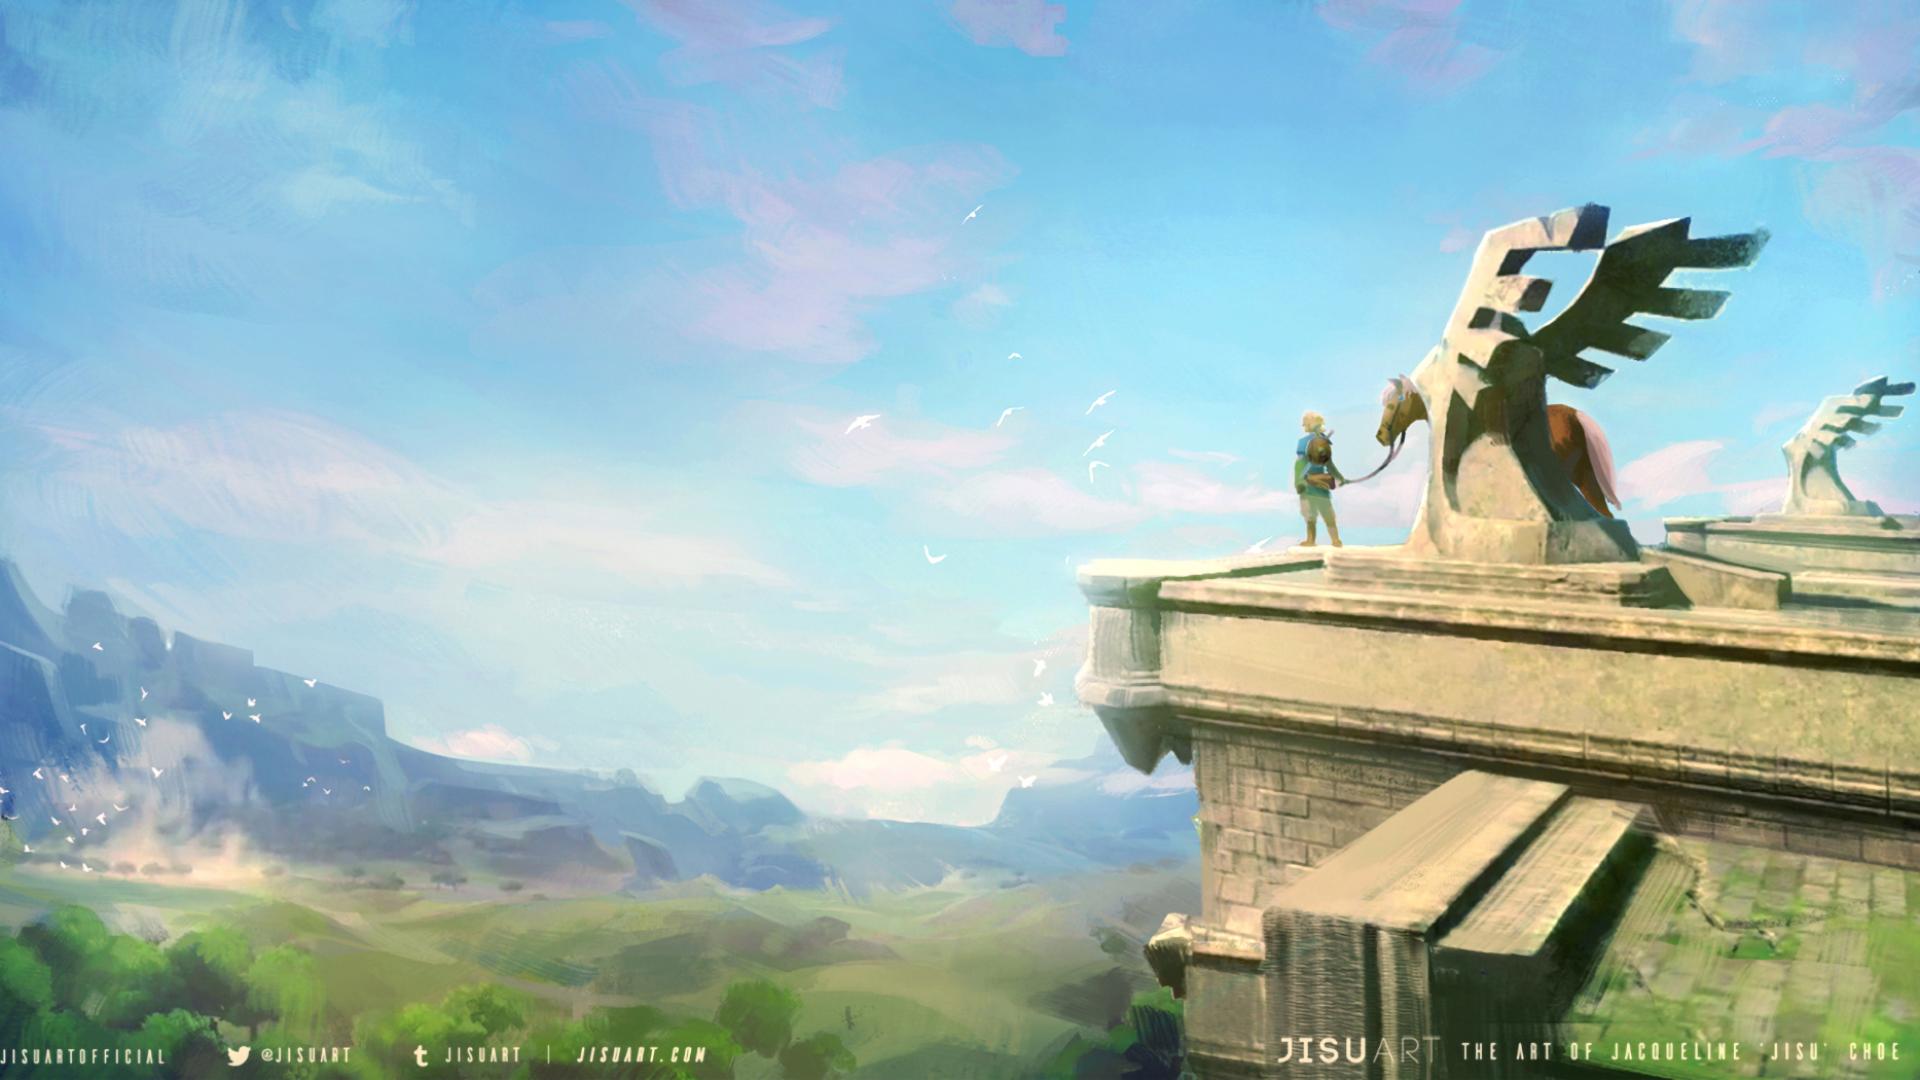 Free Download The Legend Of Zelda The Legend Of Zelda Breath Of